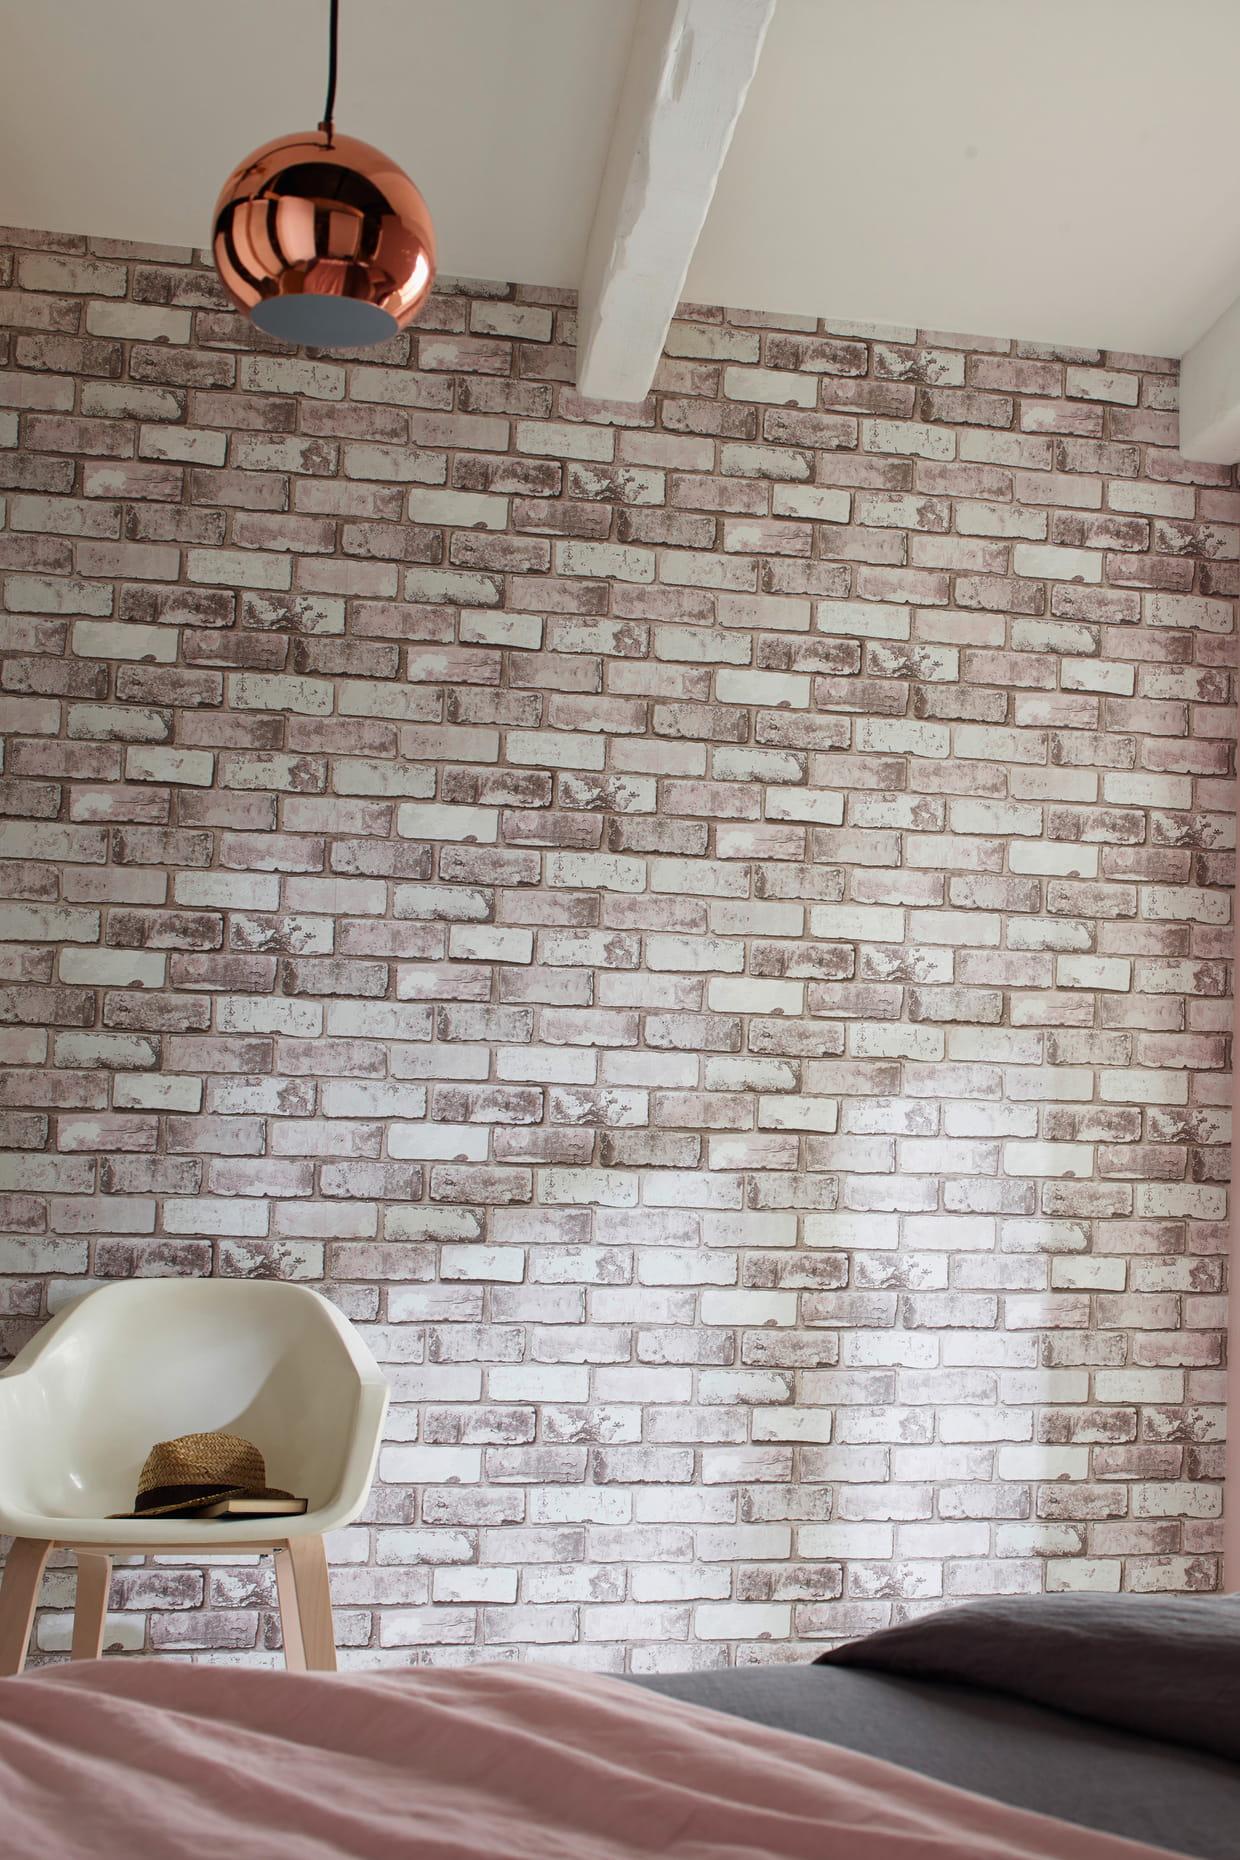 Chambre Ado Avec Papier Peint Brique papier peint vinyle arcelot chez castorama